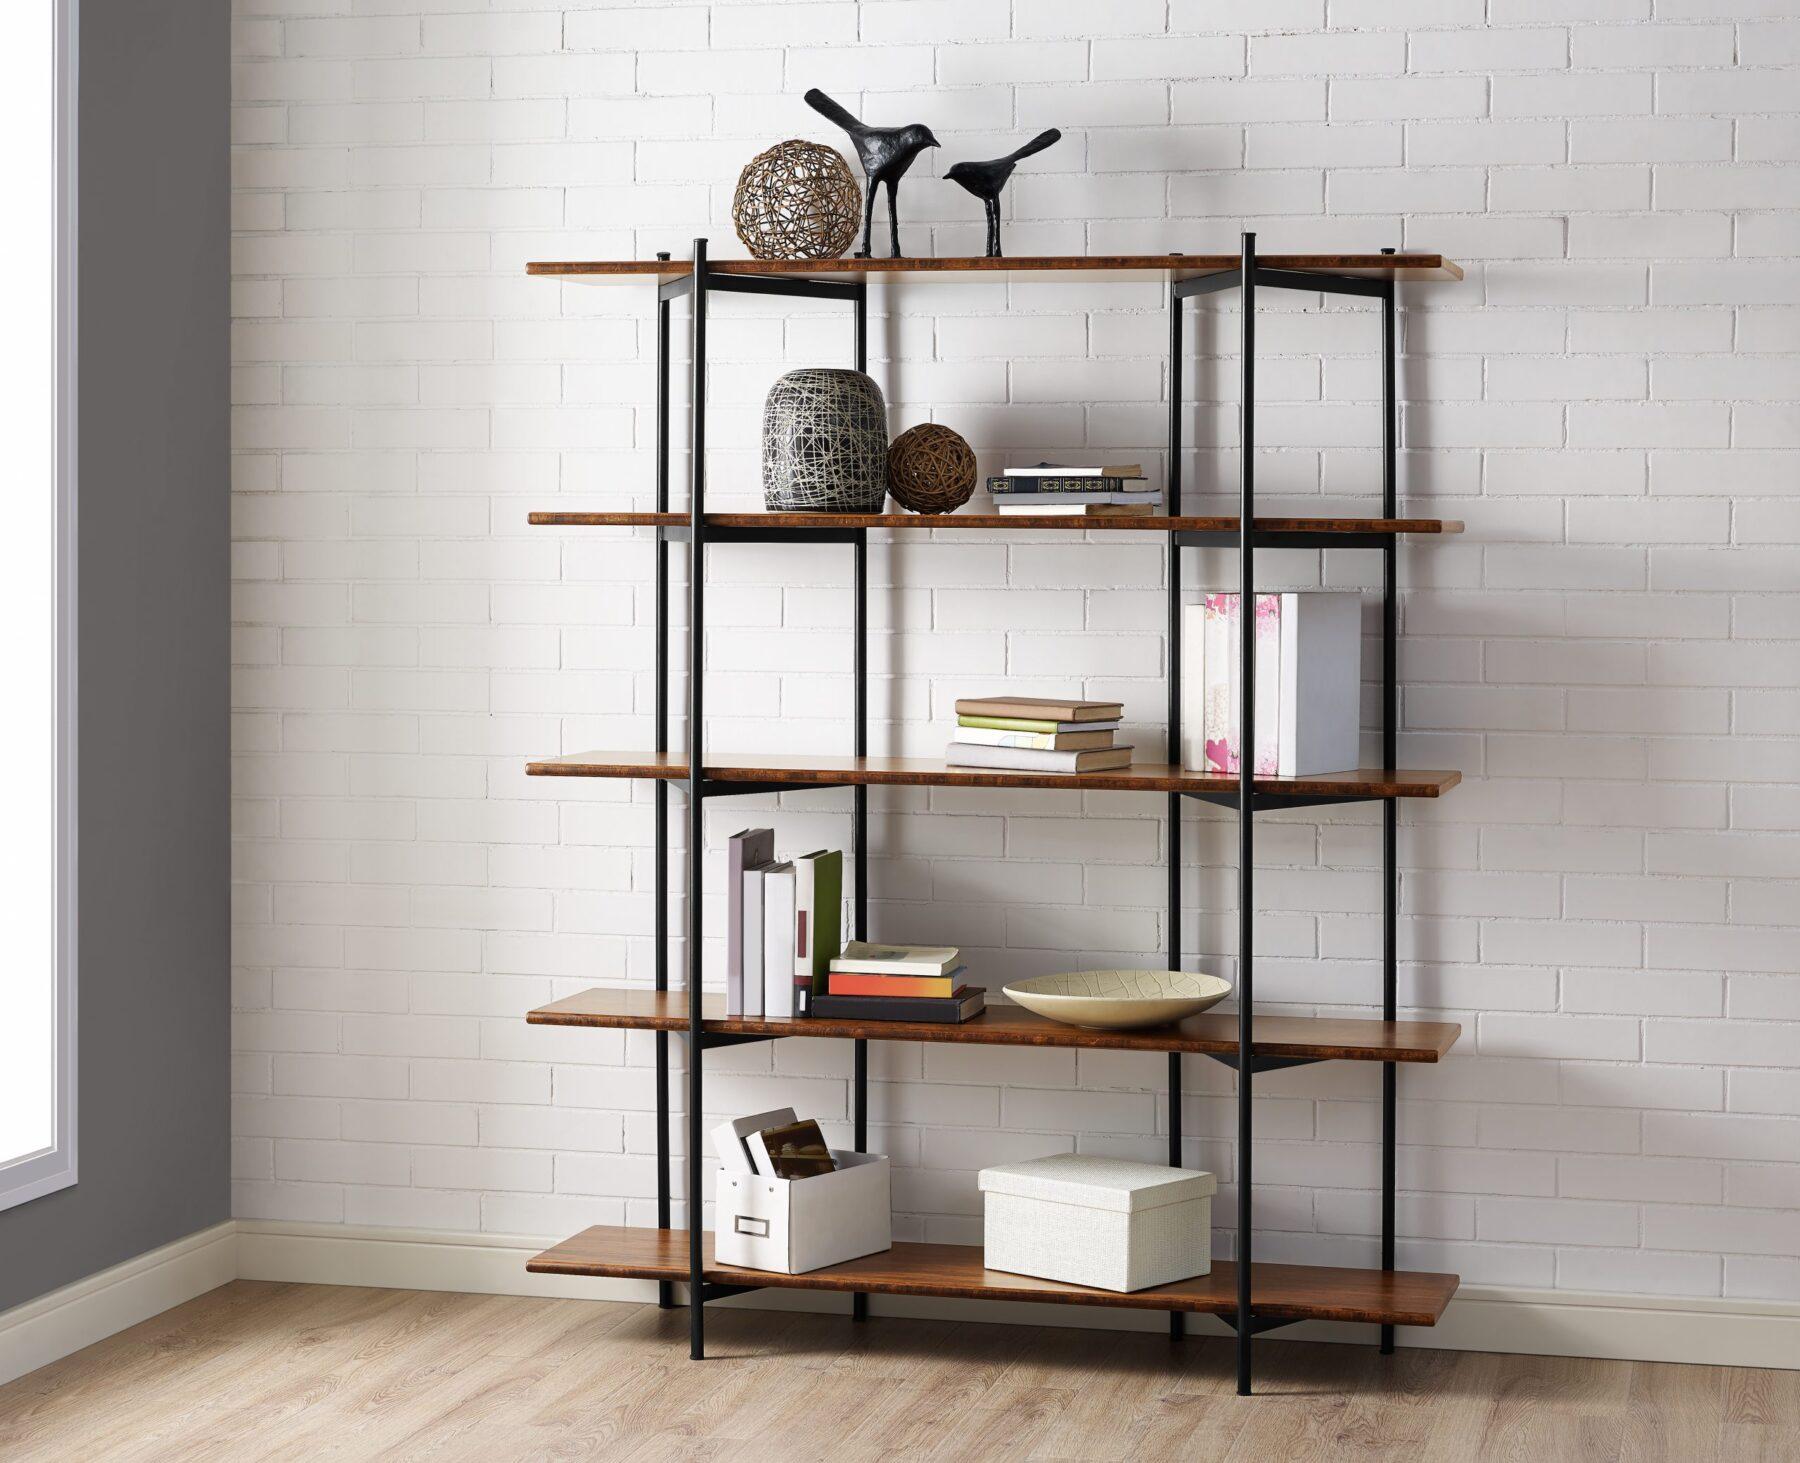 GS001E Studio Line Shelf Lifestyle 2